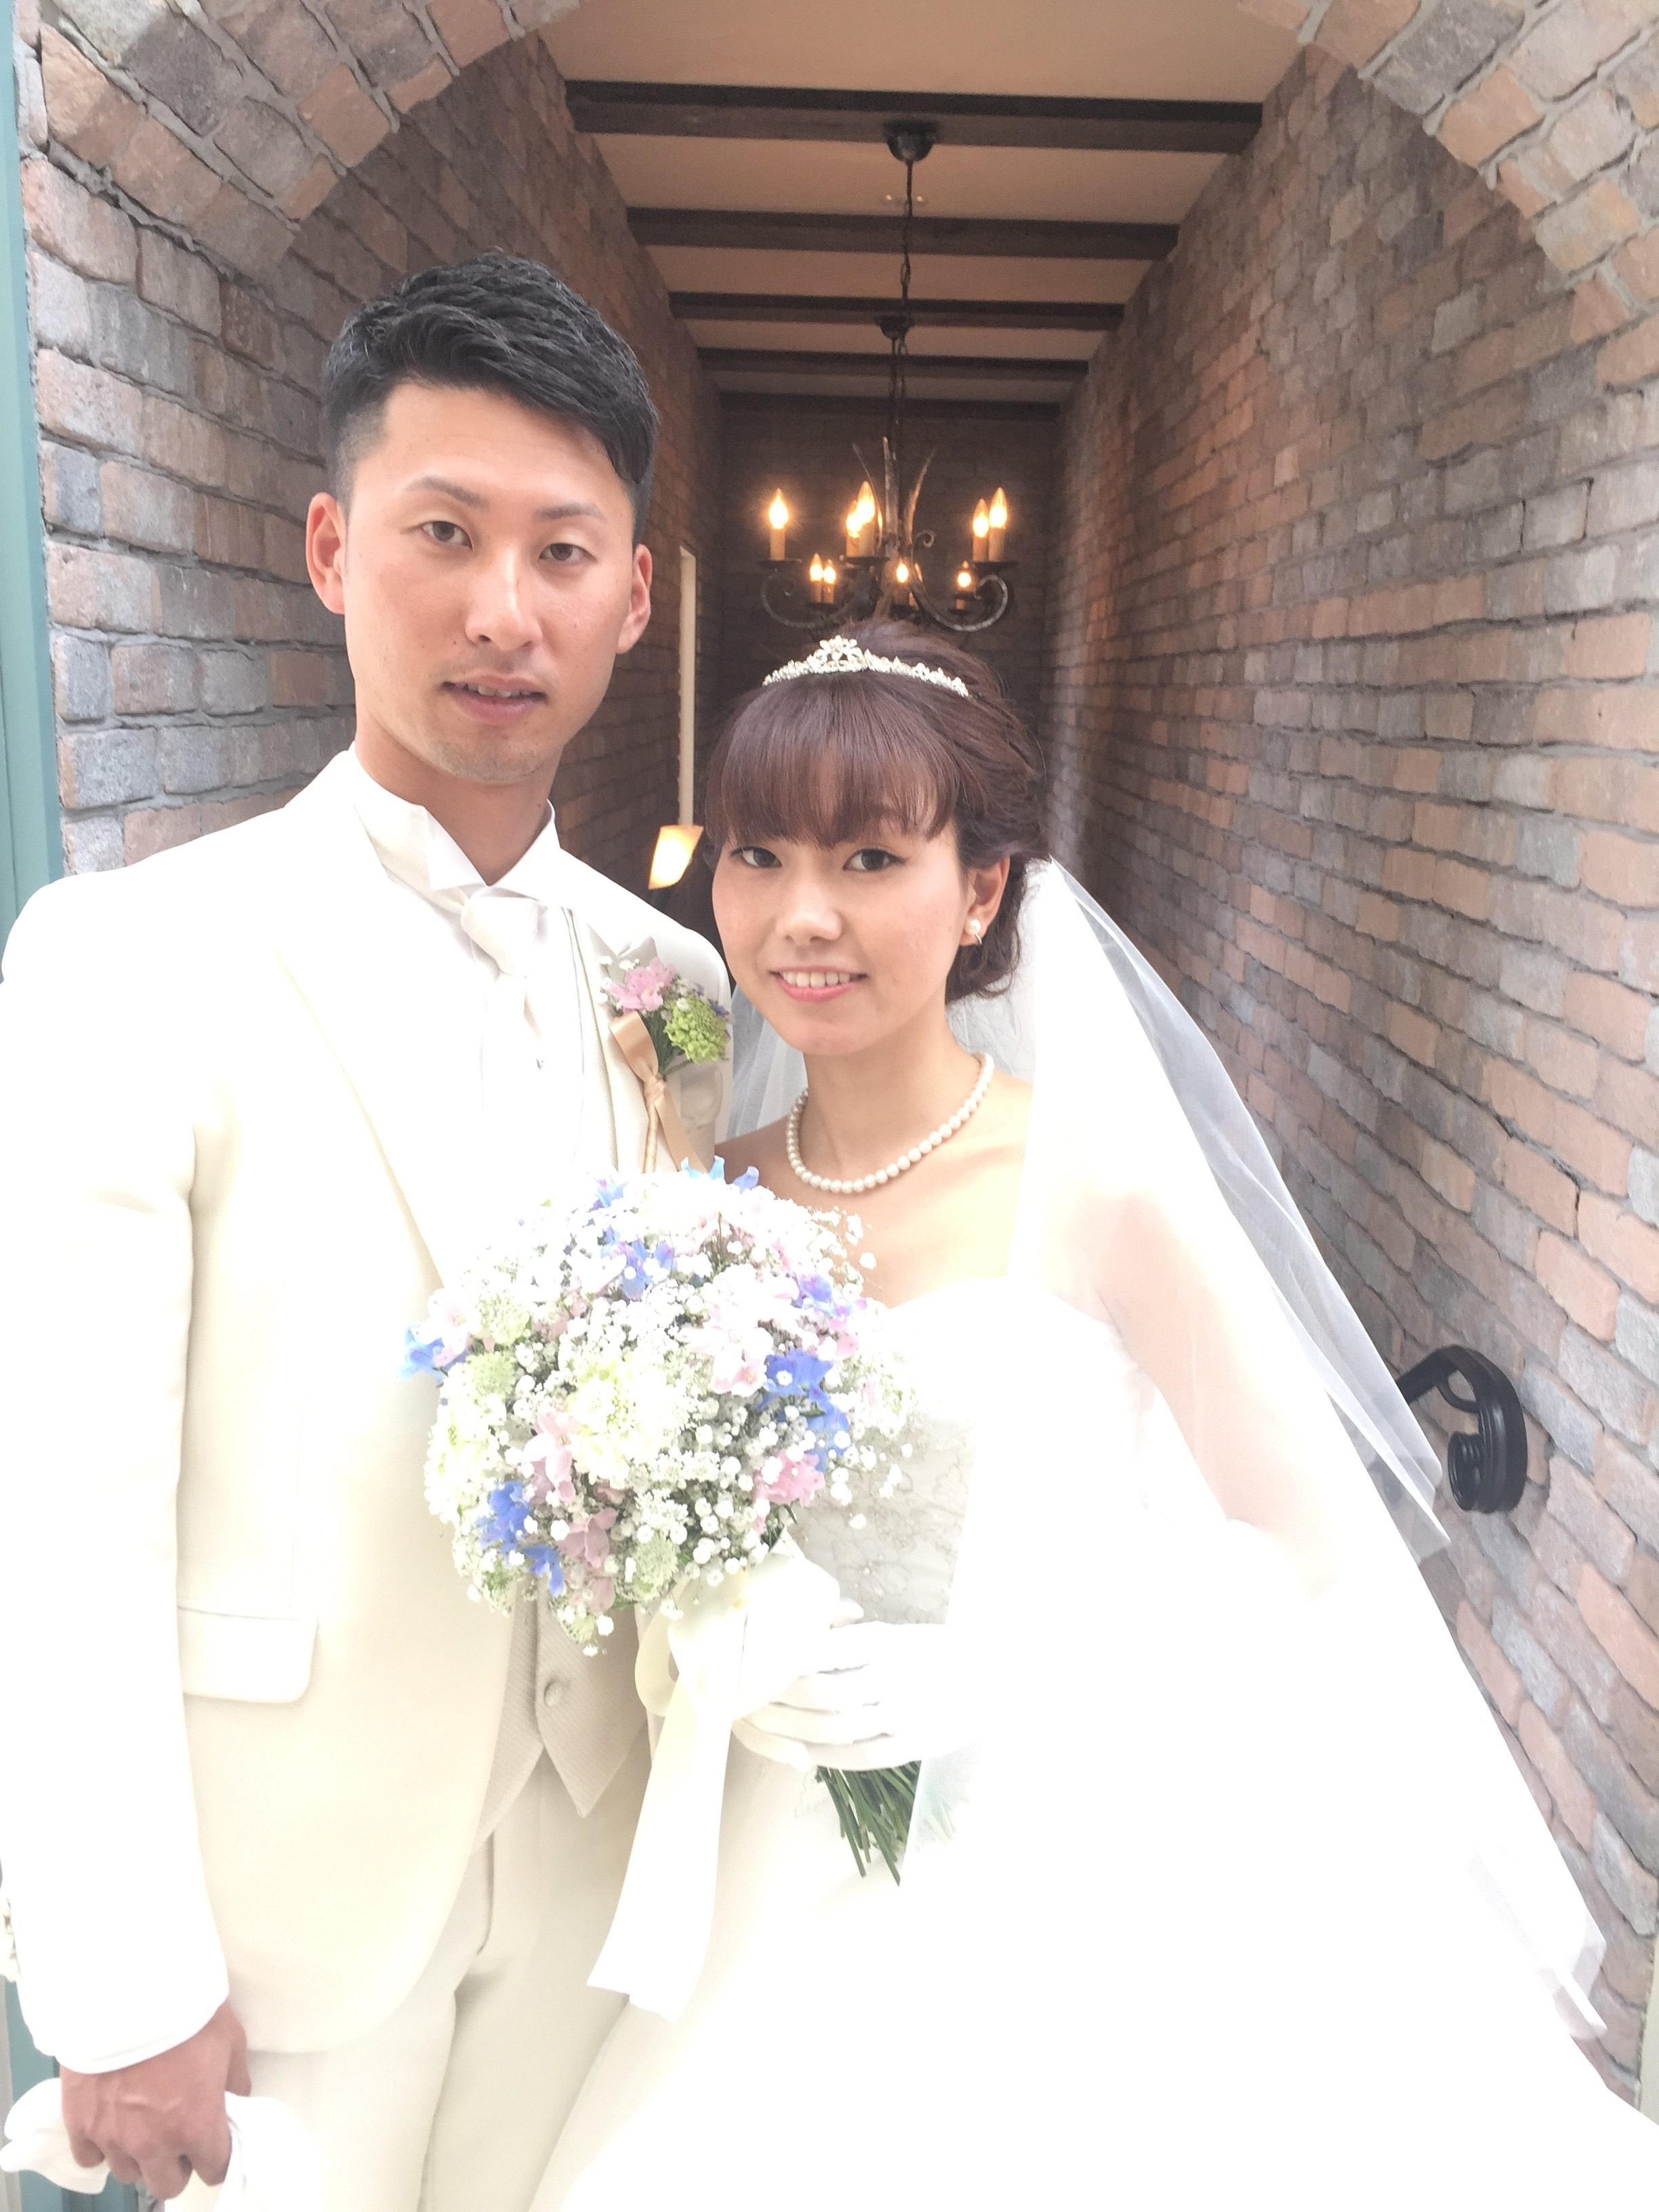 ウエディングドレス、ナチュラルで小柄な花嫁さん。髪の毛はセミロング。ナチュラルなシニオンスタイルで可愛くアレンジ/福岡のブライダルヘアメイク、ブライダルシェービングはグランパルティータ